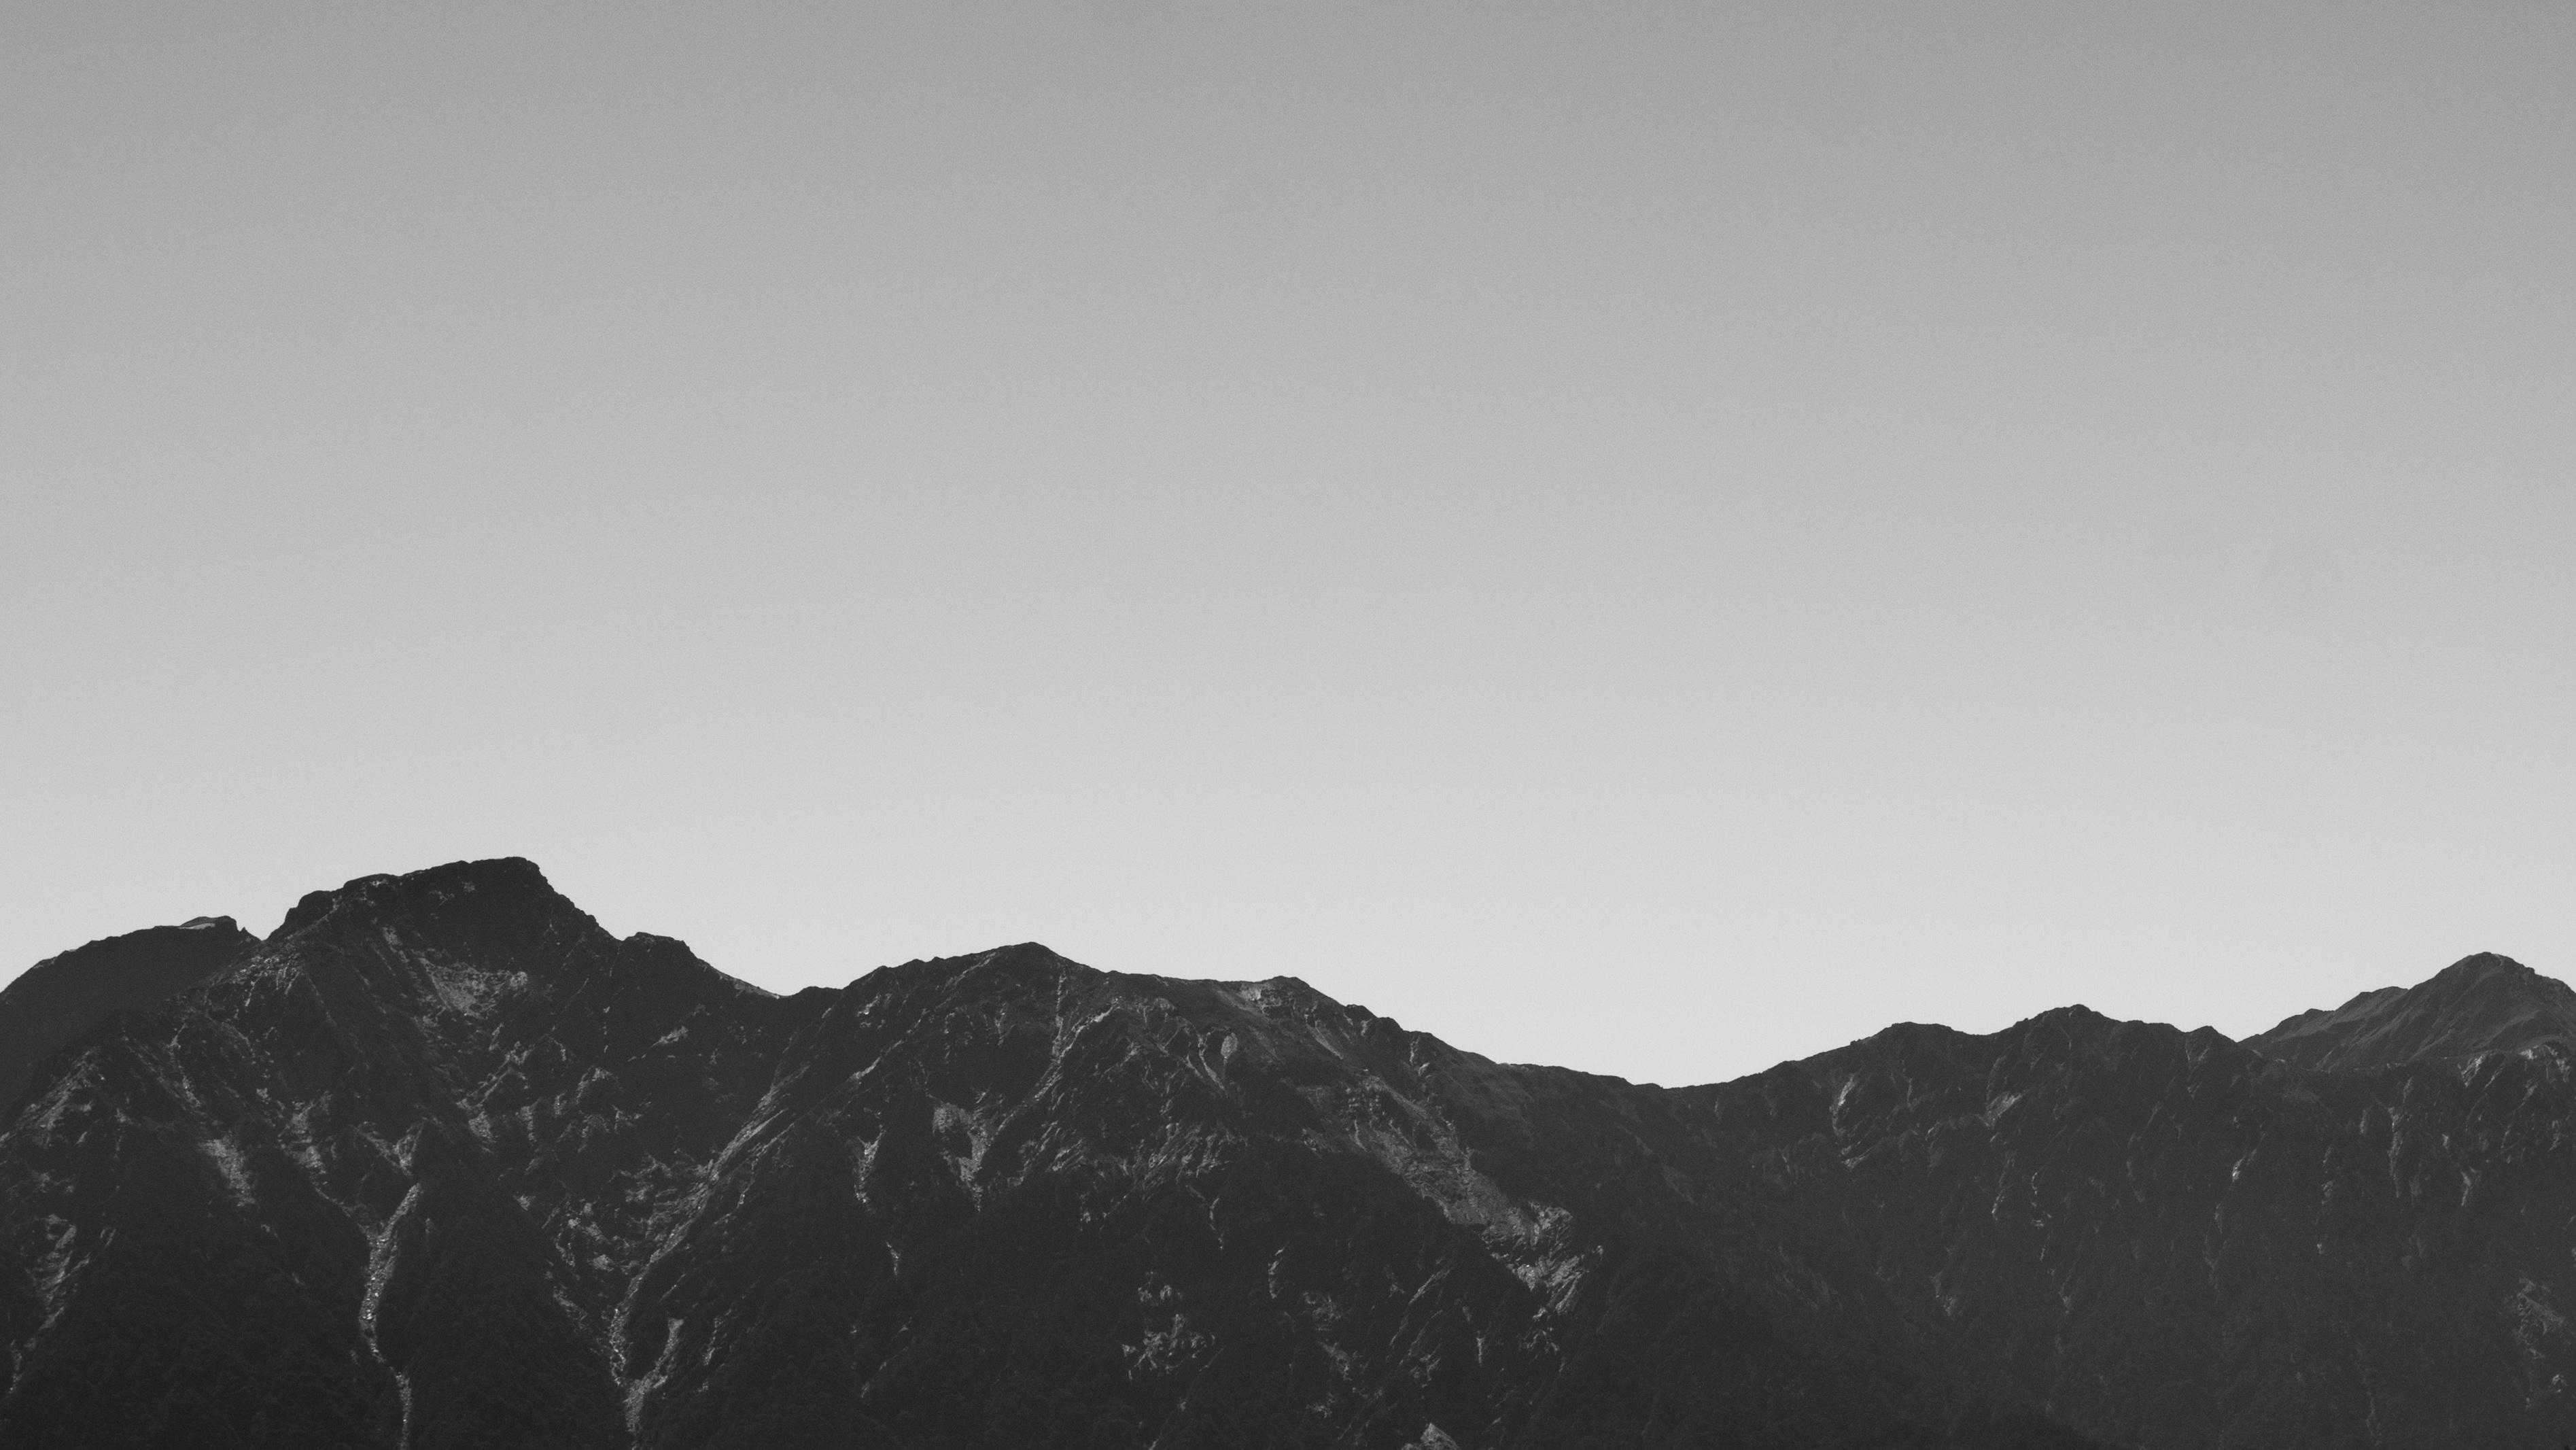 Hình Ảnh : Đá, Đường Chân Trời, Tuyết, Đám Mây, Đen Và Trắng, Bầu Trời,  Nhiếp Ảnh, Đồi Núi, Bình Minh, Dãy Núi, Đơn Sắc, Cây Rơm, Thượng Đỉnh, Hình  Thái Đất ...